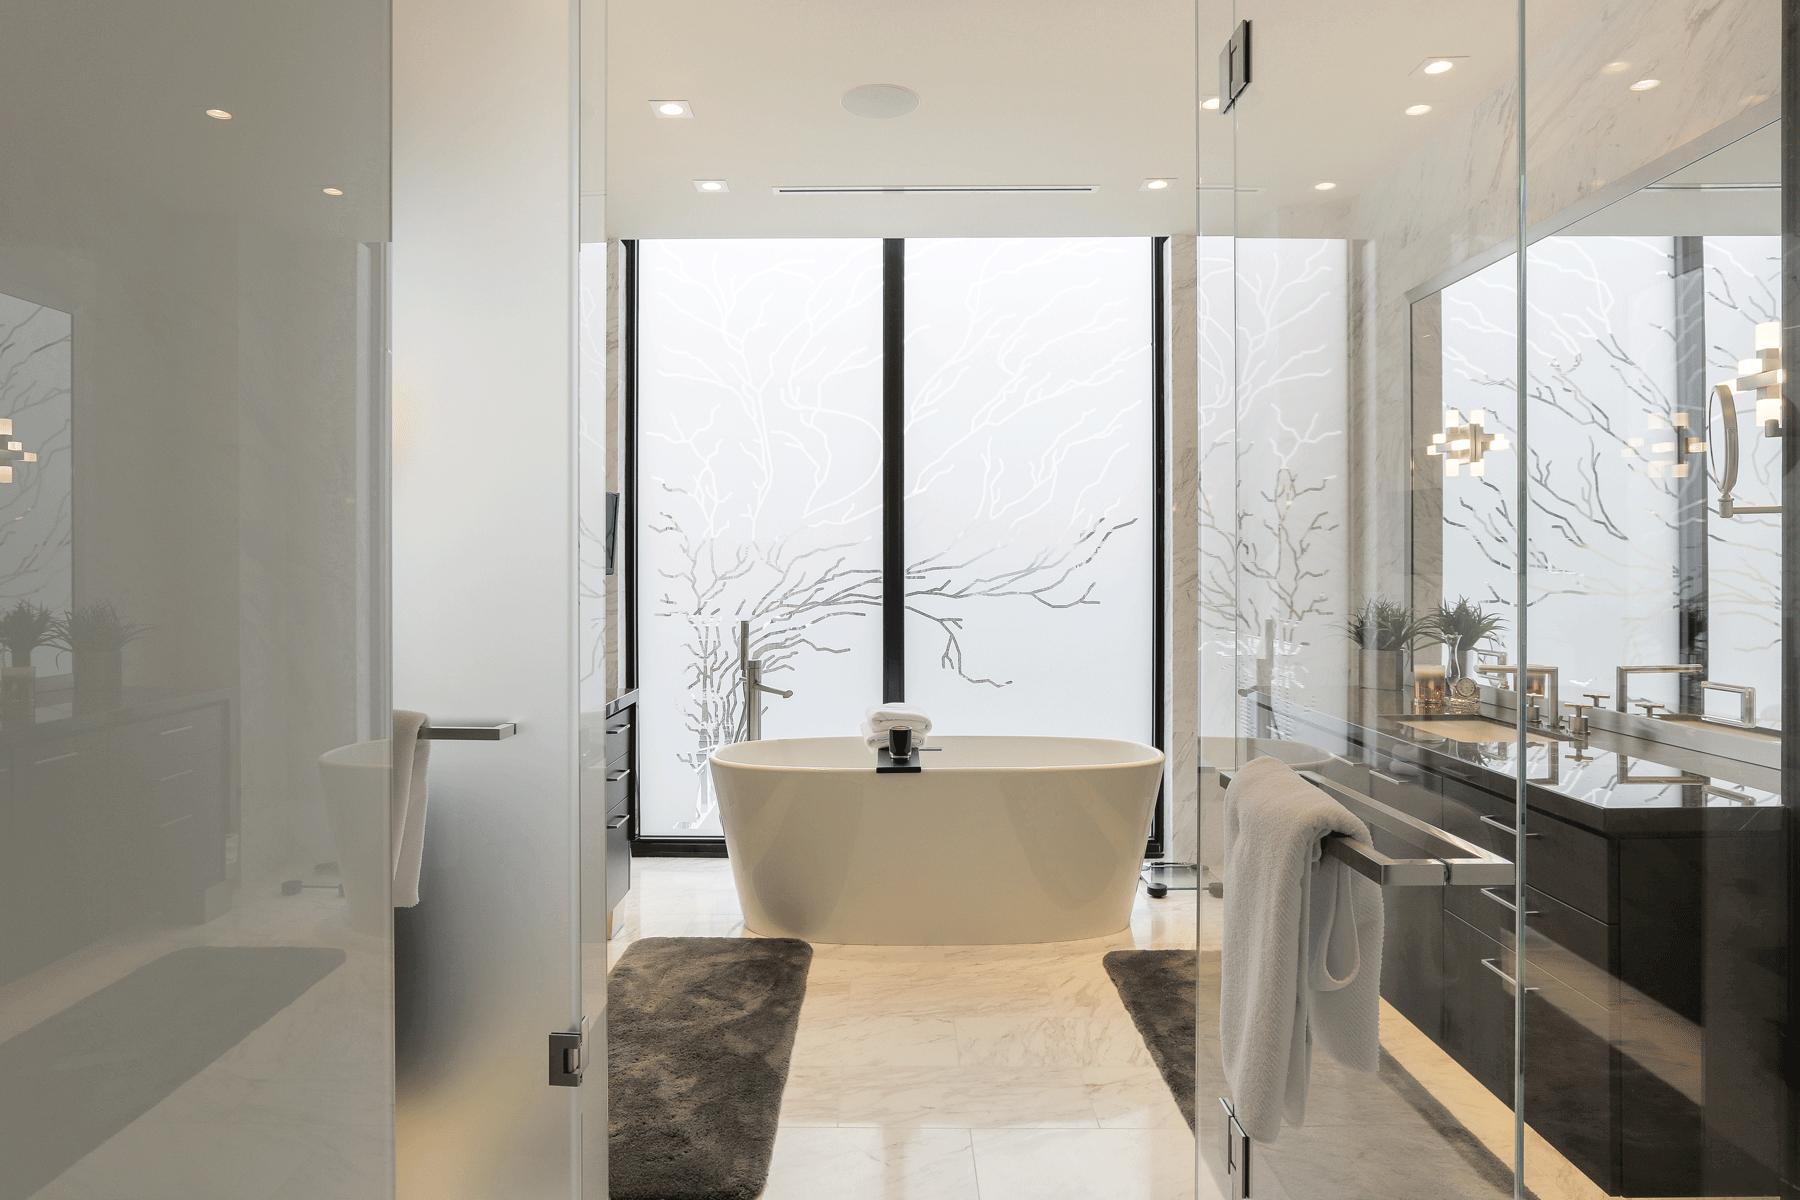 sharon-gilkey-city-bathroom.png